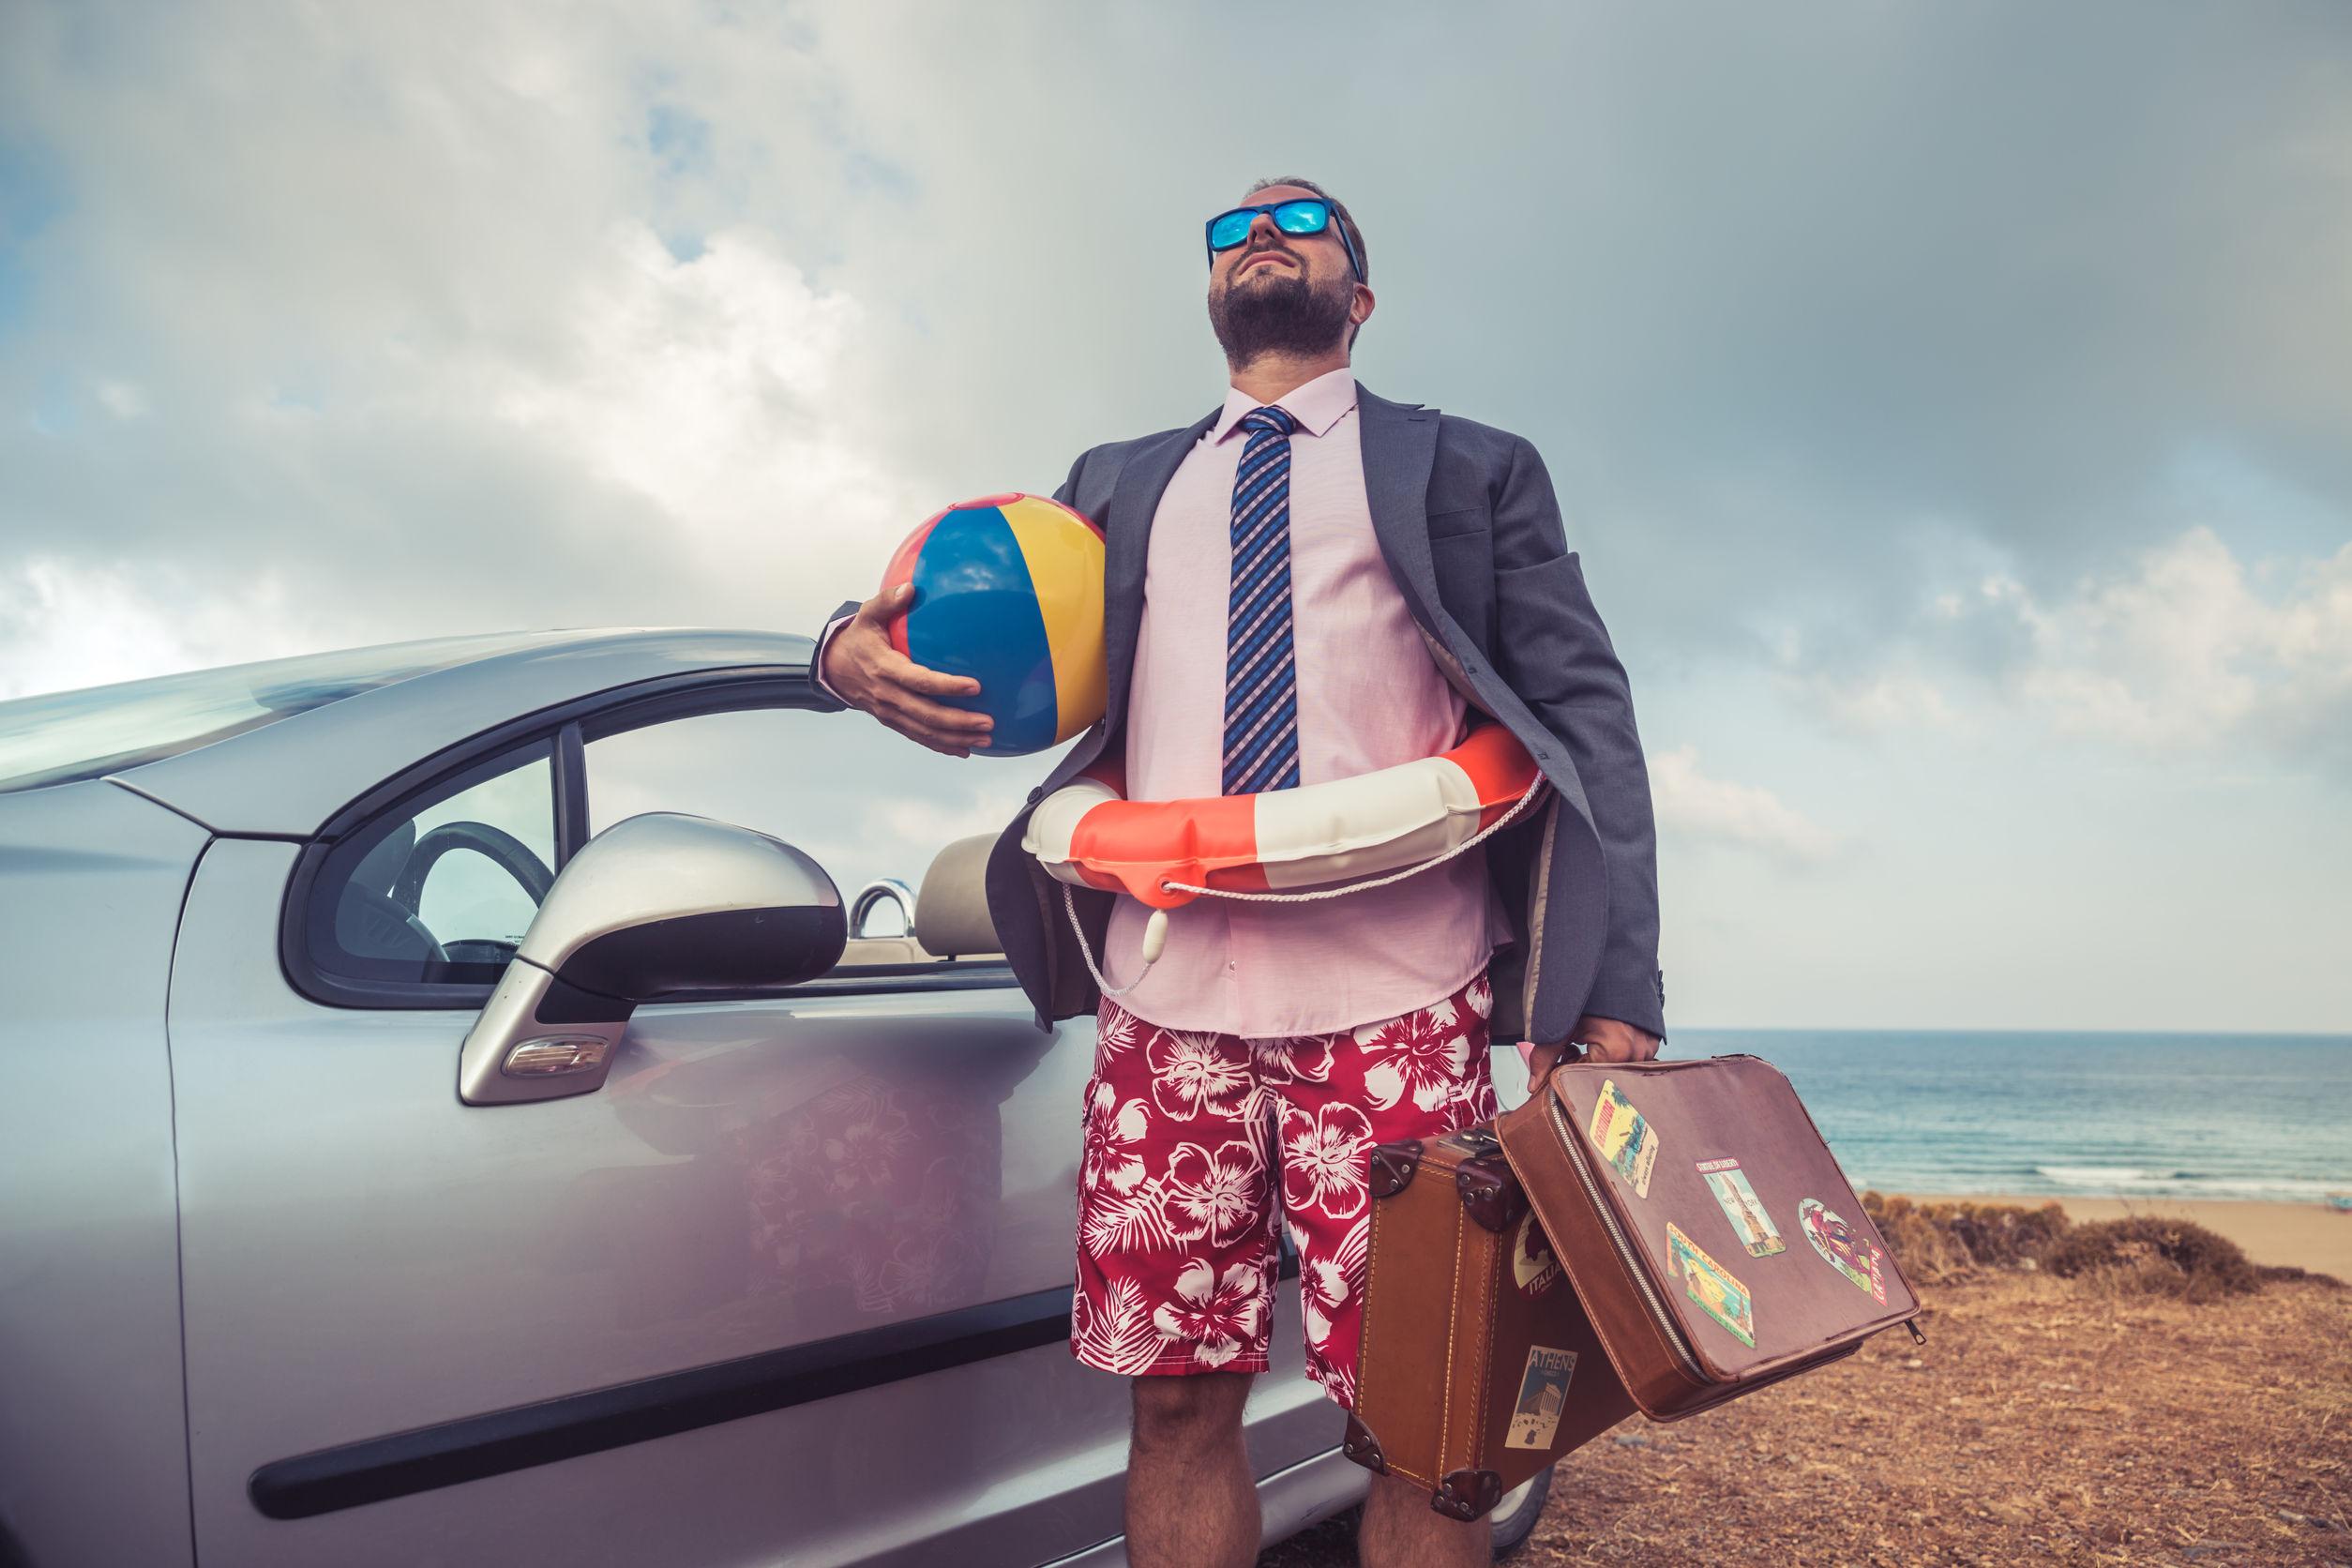 อยากเป็นเจ้าของธุรกิจเกี่ยวกับการท่องเที่ยวต้องทำอย่างไรบ้าง?